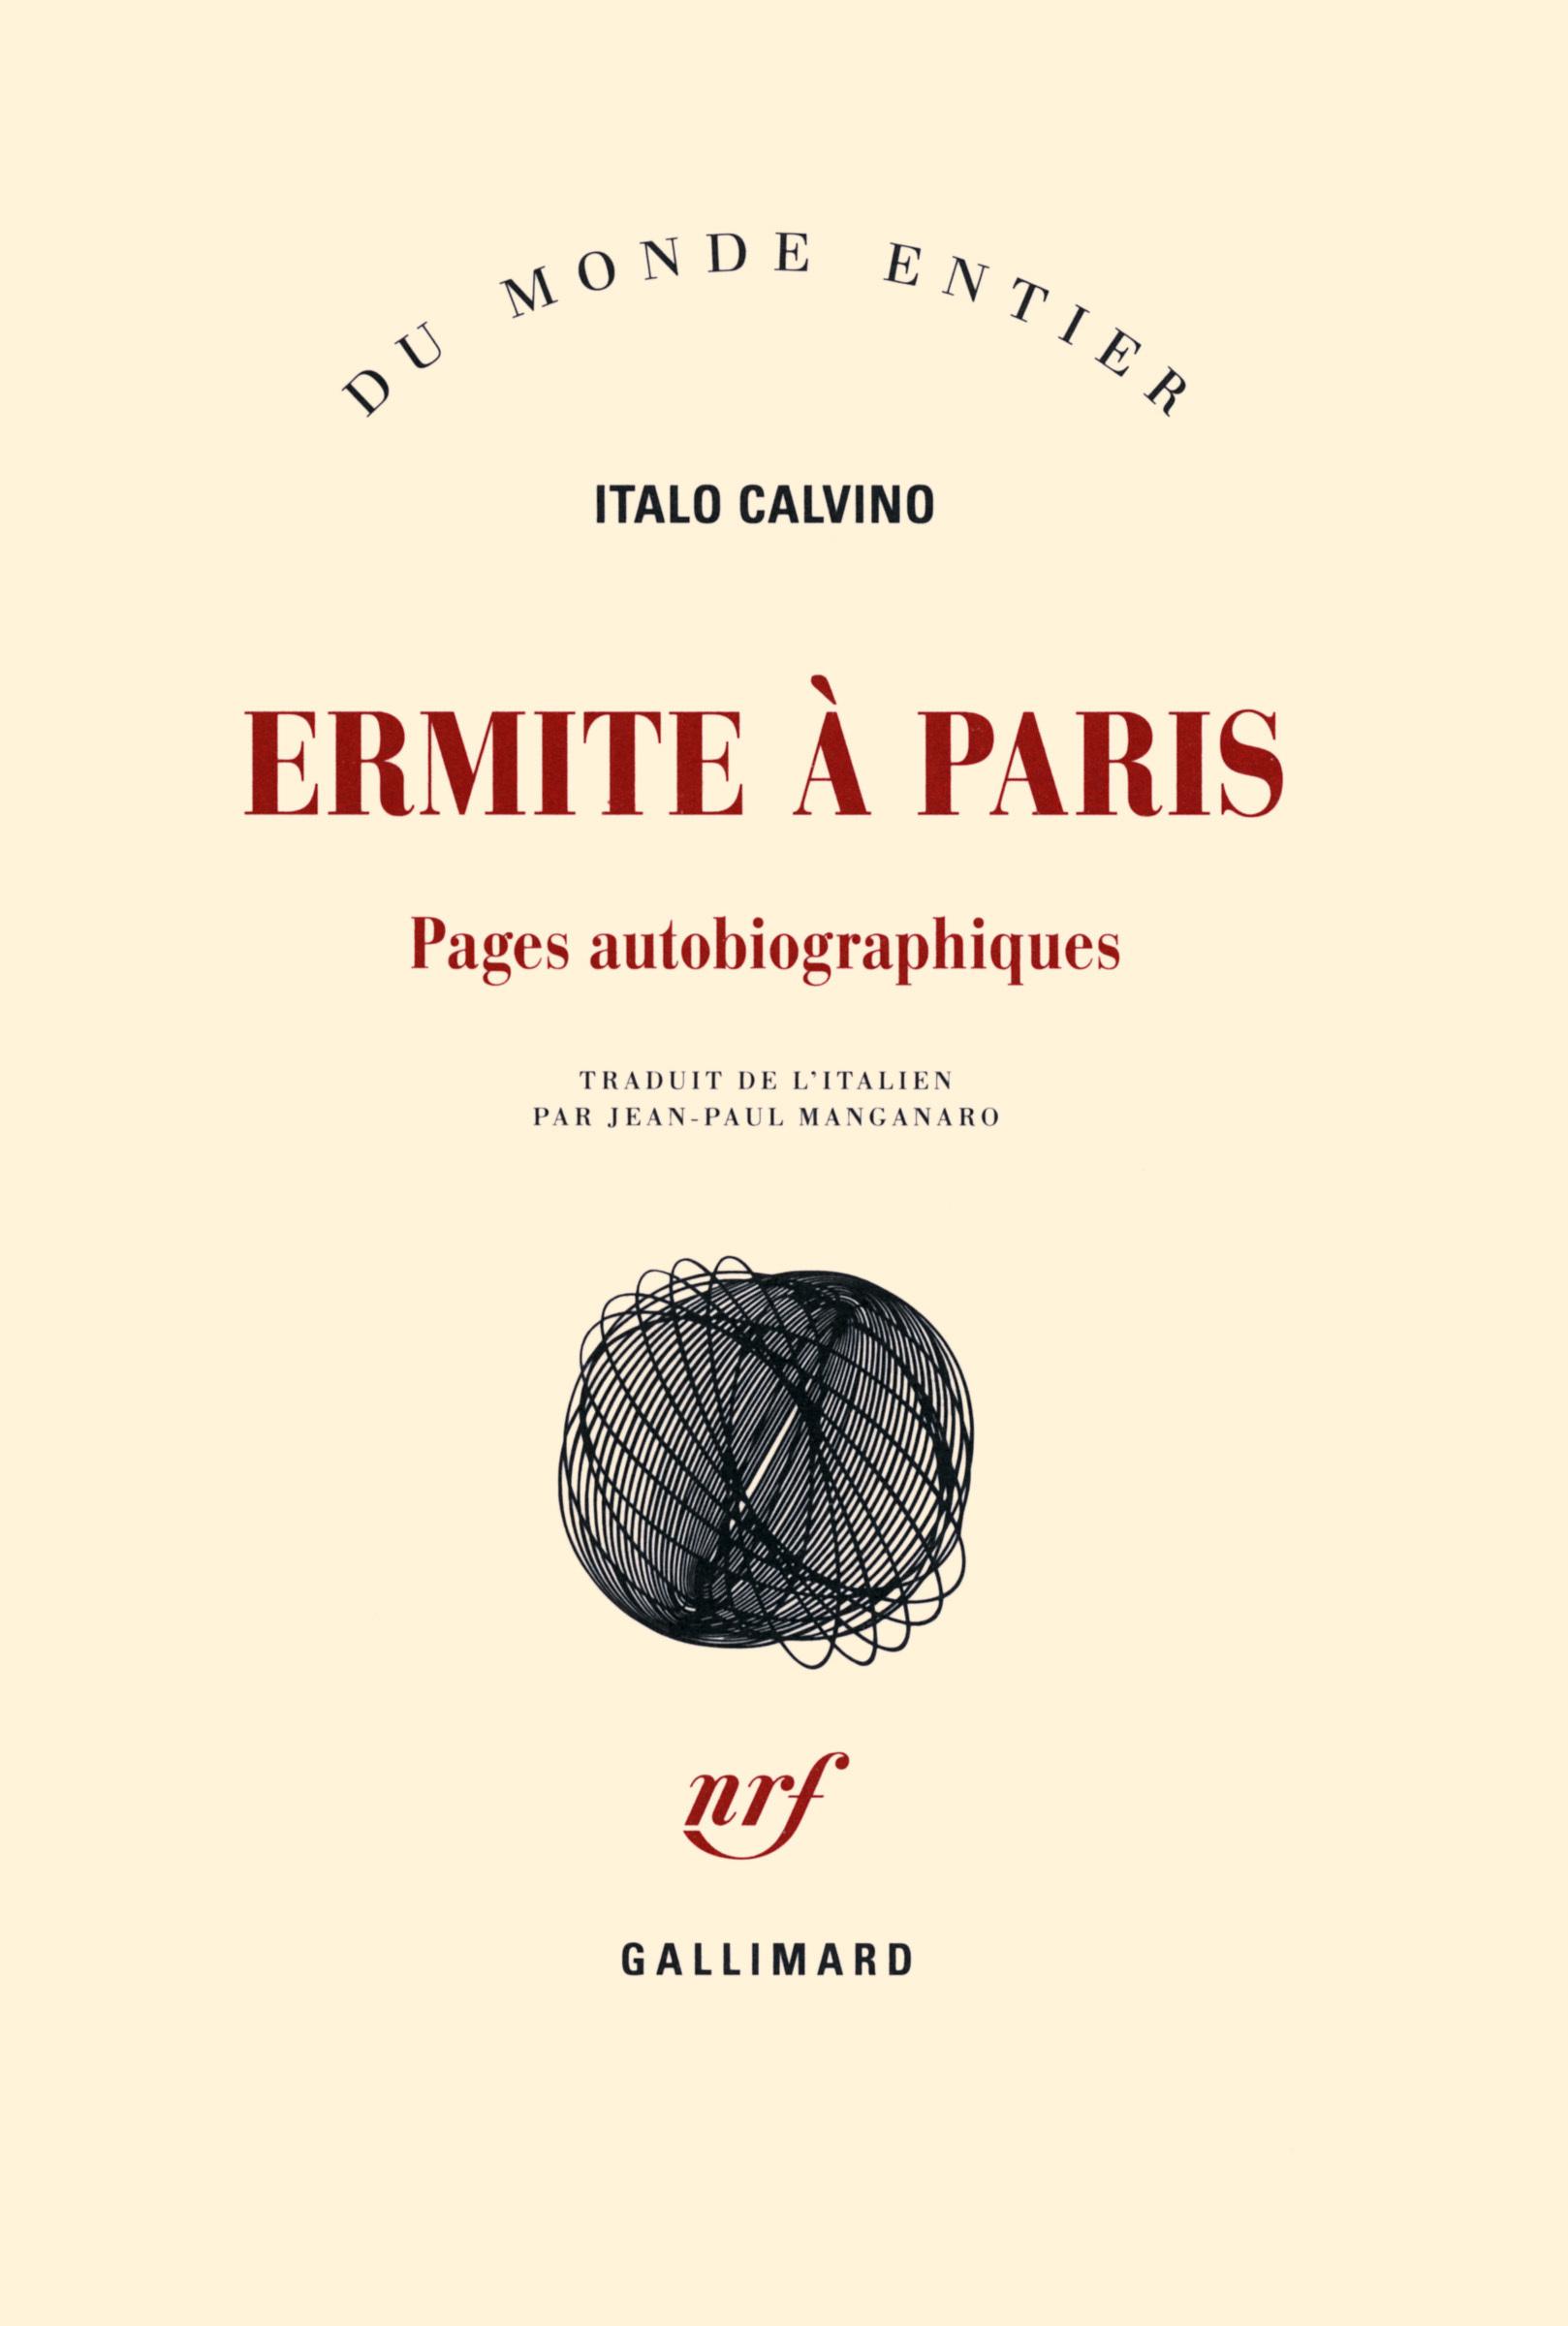 ERMITE A PARIS PAGES AUTOBIOGRAPHIQUES